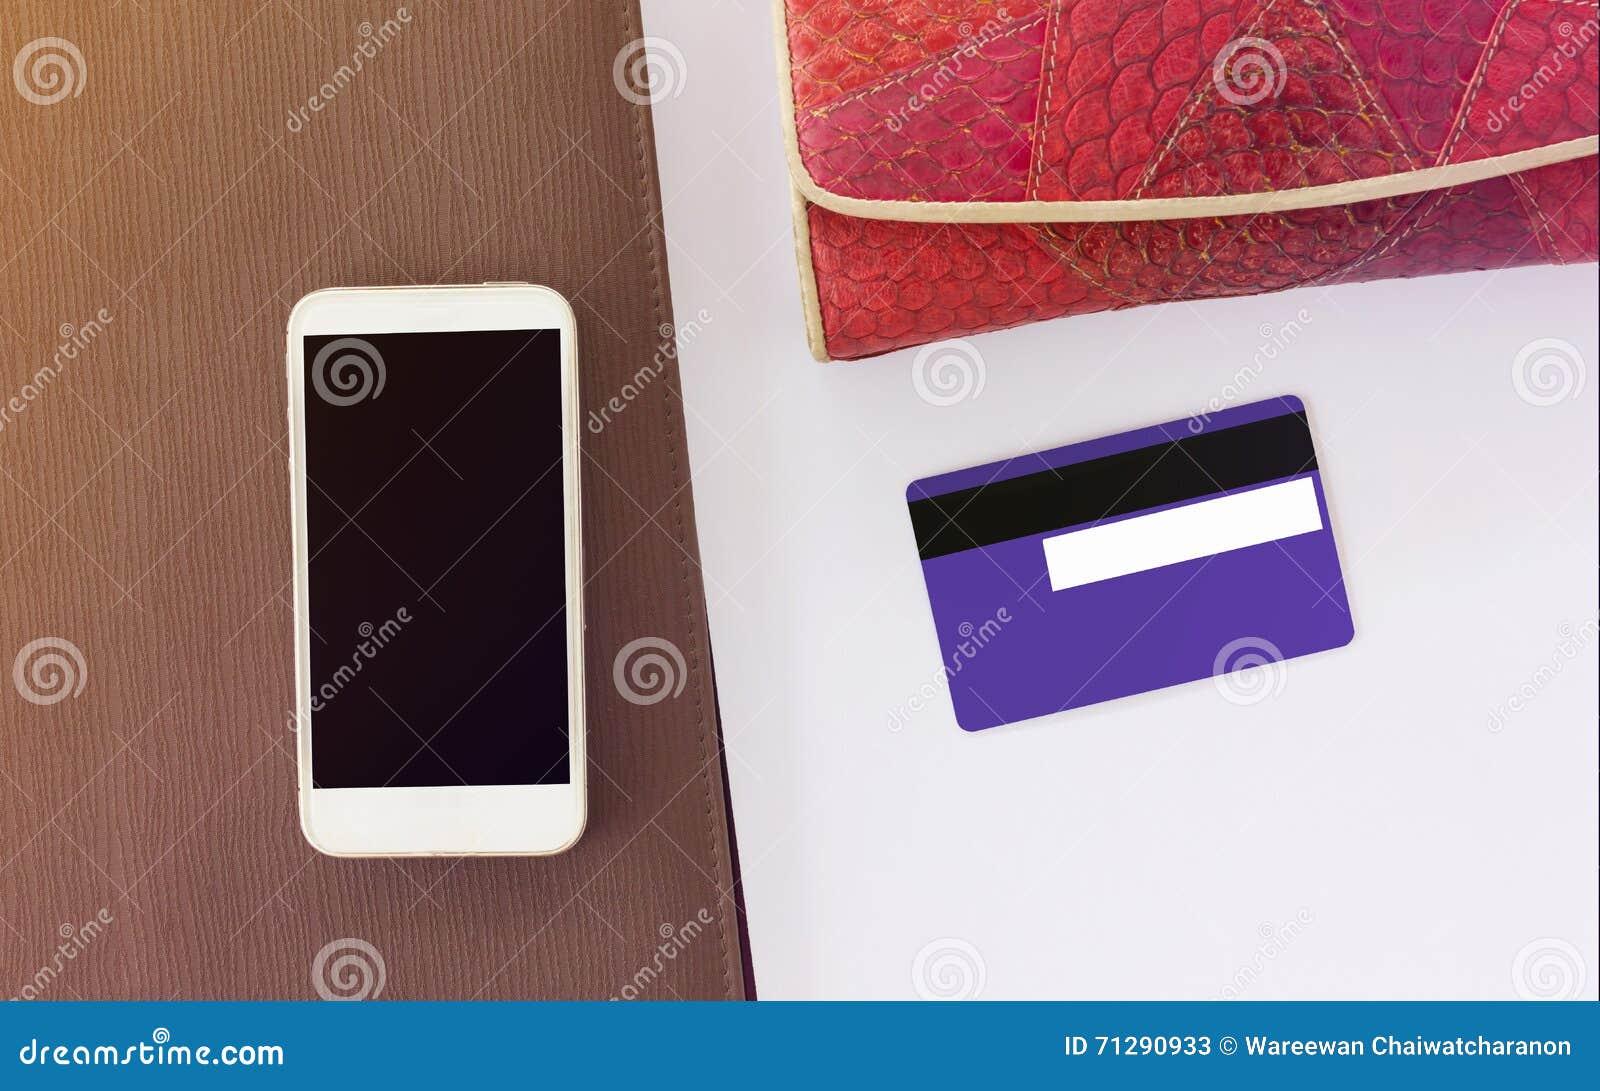 распечатать бланк для резюме